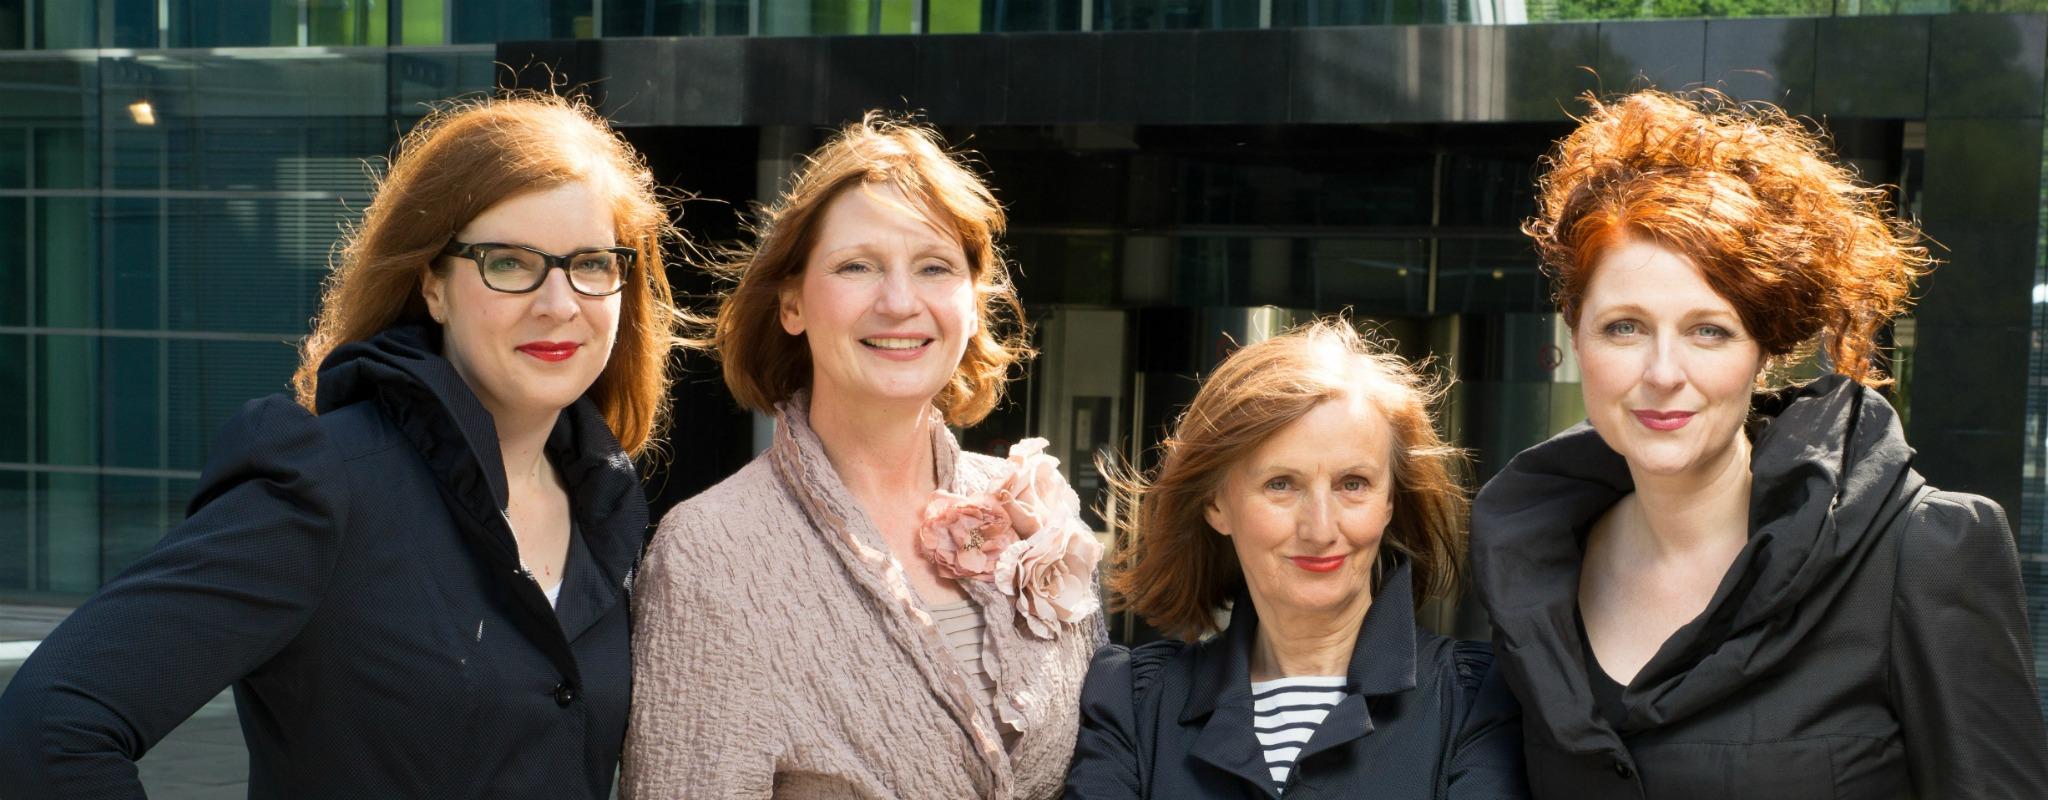 Ü40 Bloggerinnen vom iknmlo Modeblog für Frauen über 40 beim Fotoshooting mit Nicole Booss von BOcouture Hamburg